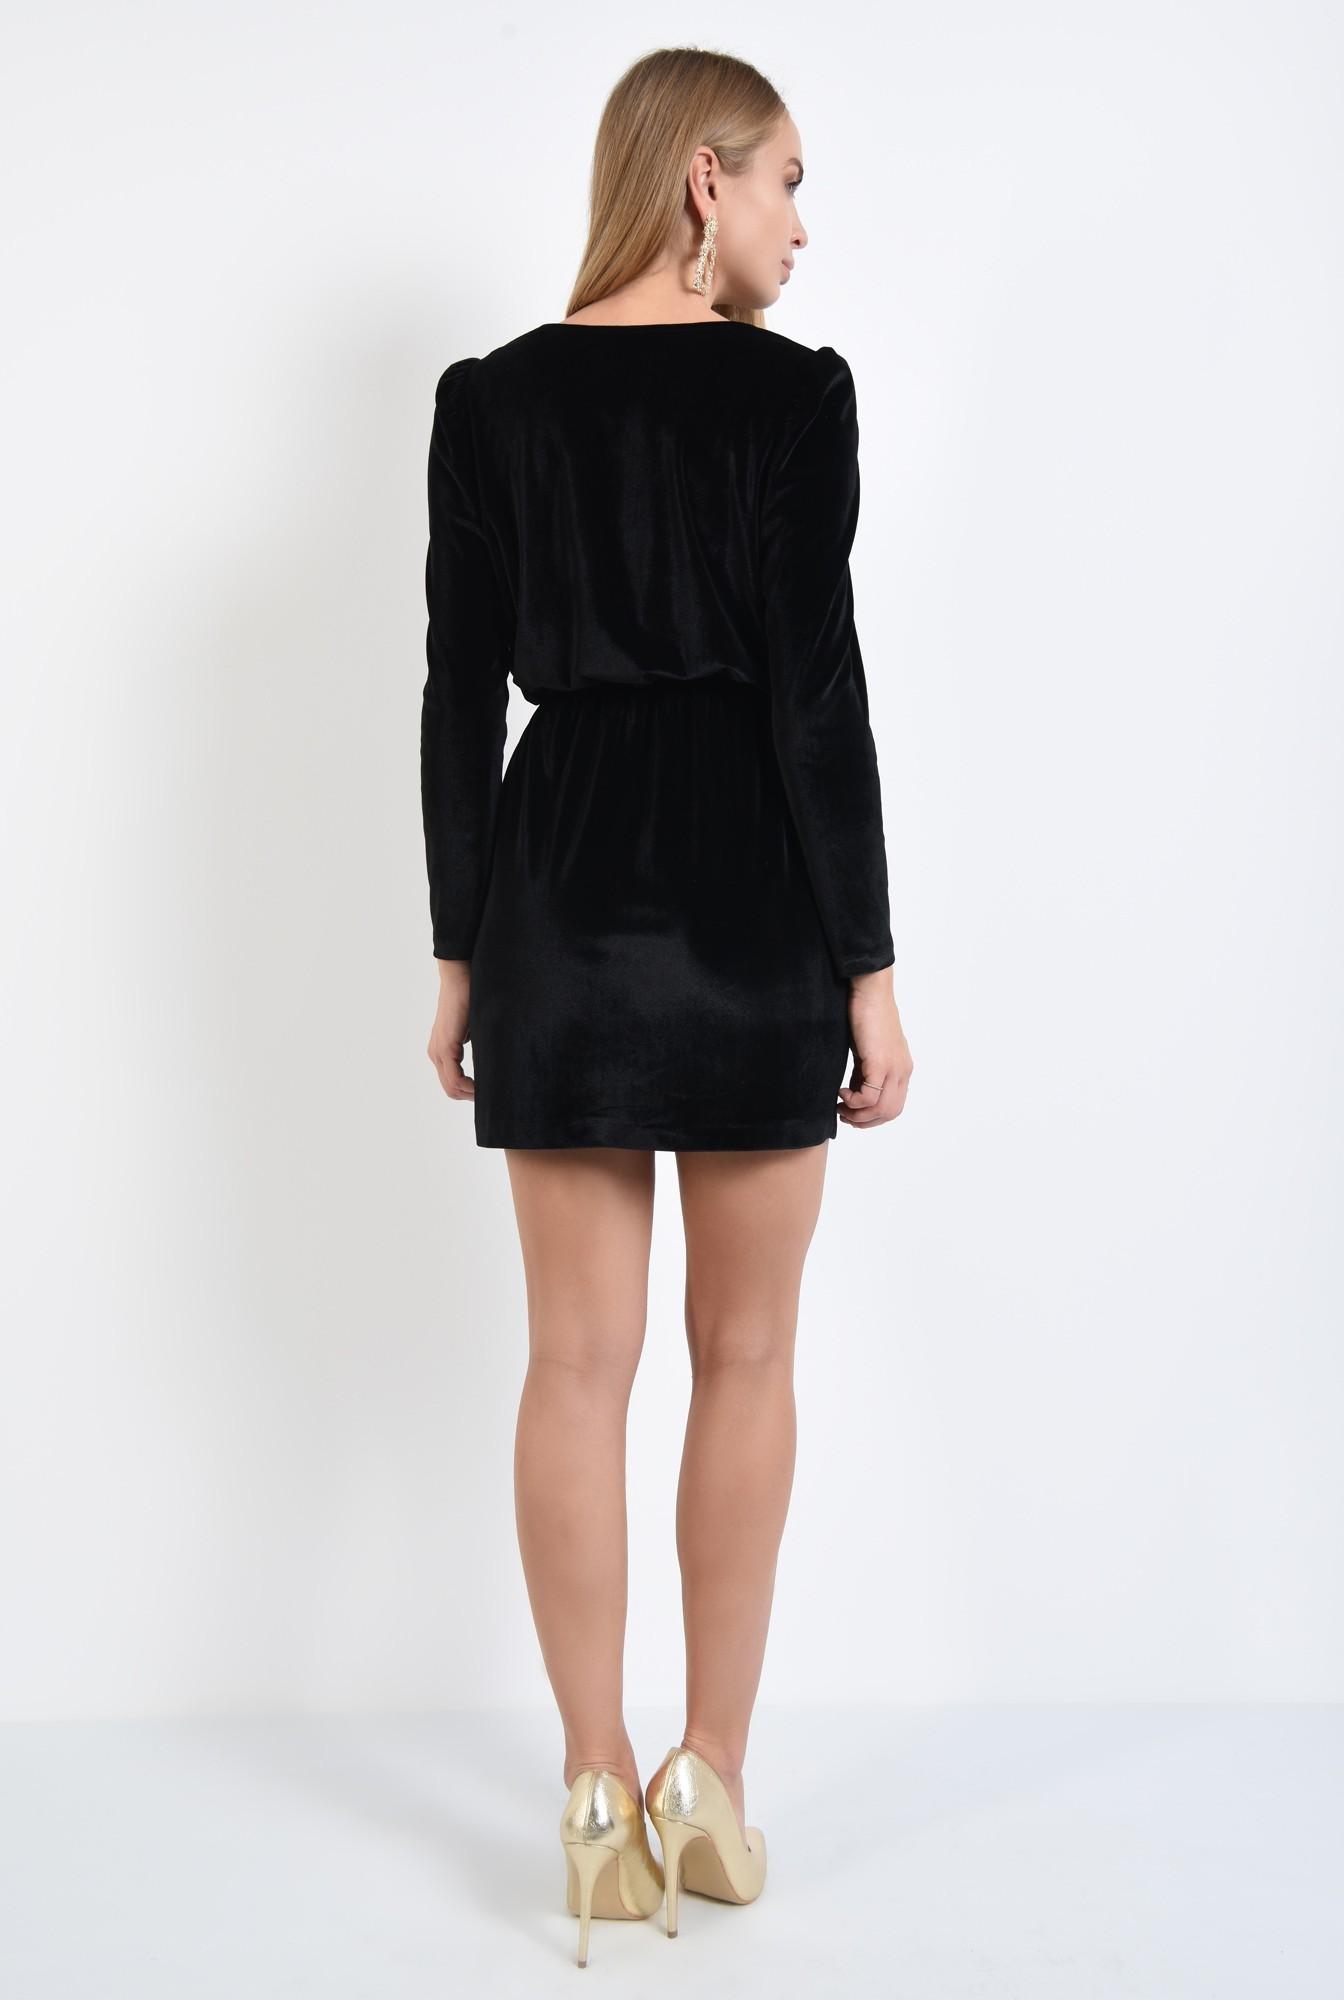 1 - 360 - rochie eleganta, neagra, scurta, decoltata, cu anchior